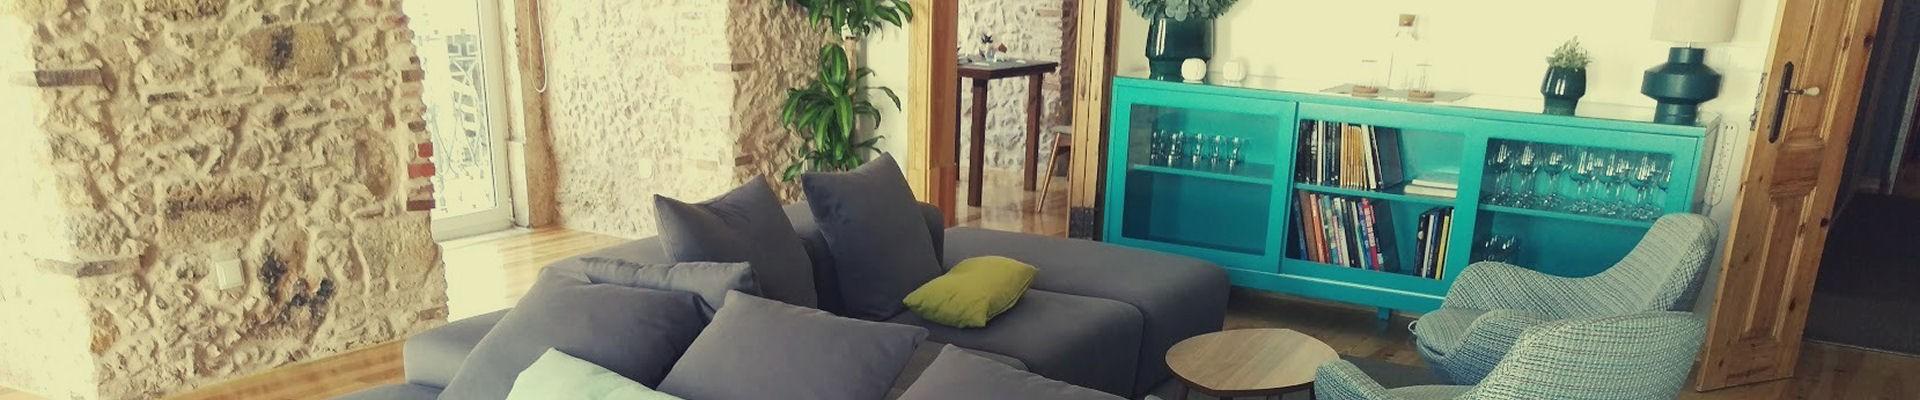 Chambres d'hôtes à Martigues - lounge